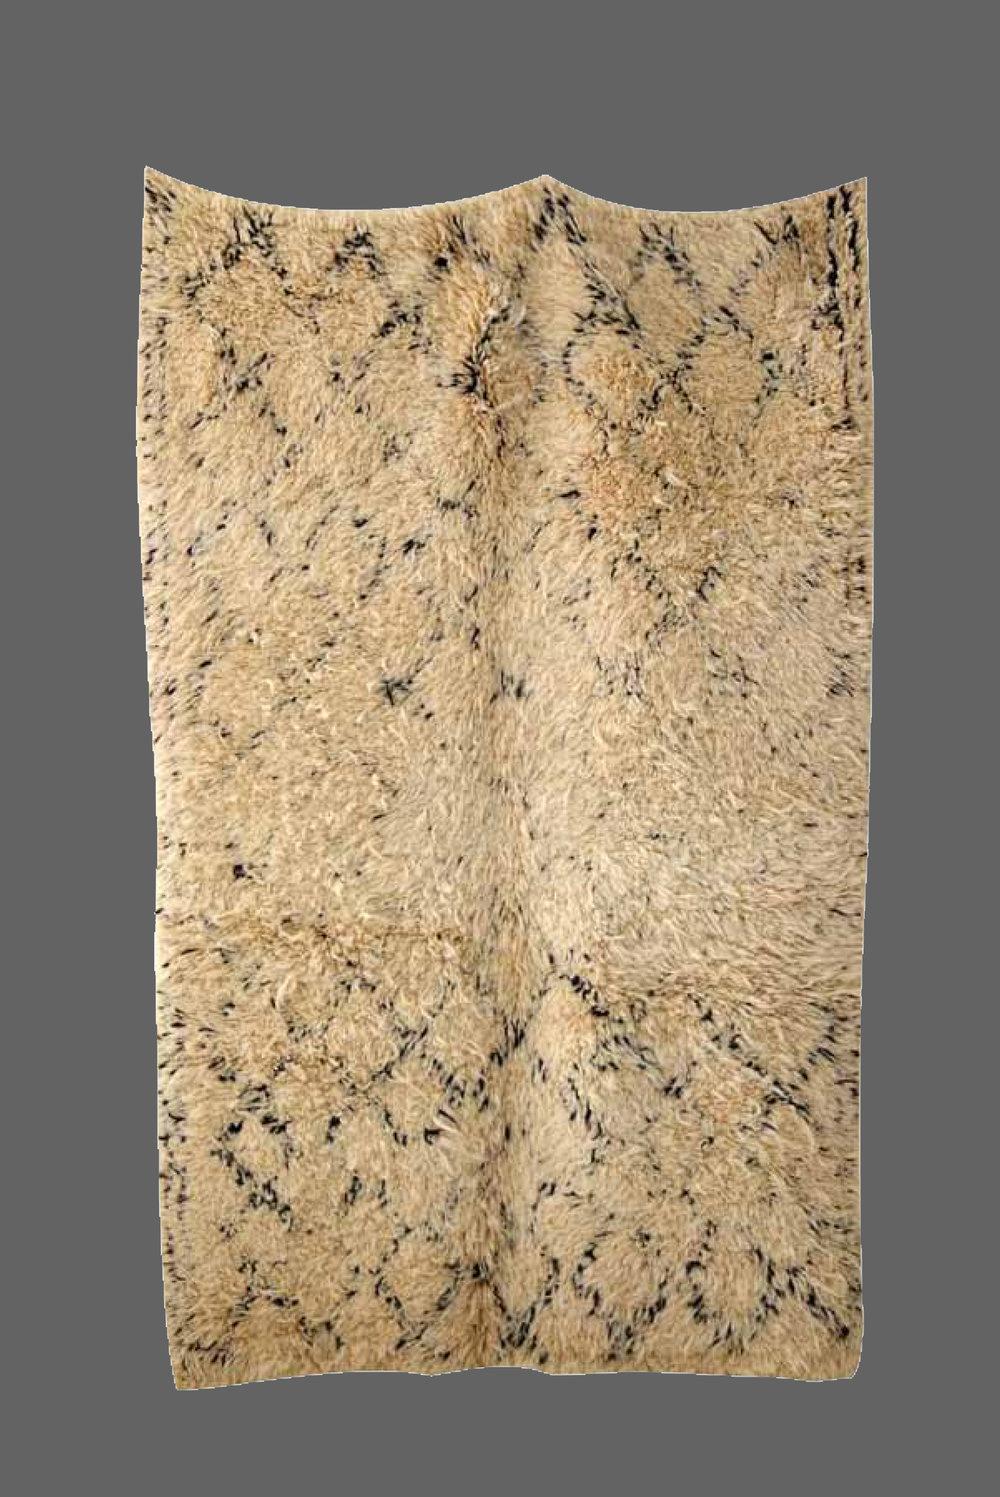 Ethnie : Beni Ouarein    Origine : Maroc    Année : 1990    Dimensions : 2,40 x 1,50    Technique :    Description : Dessin classique, taille rare, laine beige épaisse    Référence : BEN 004    Prix : 1400€